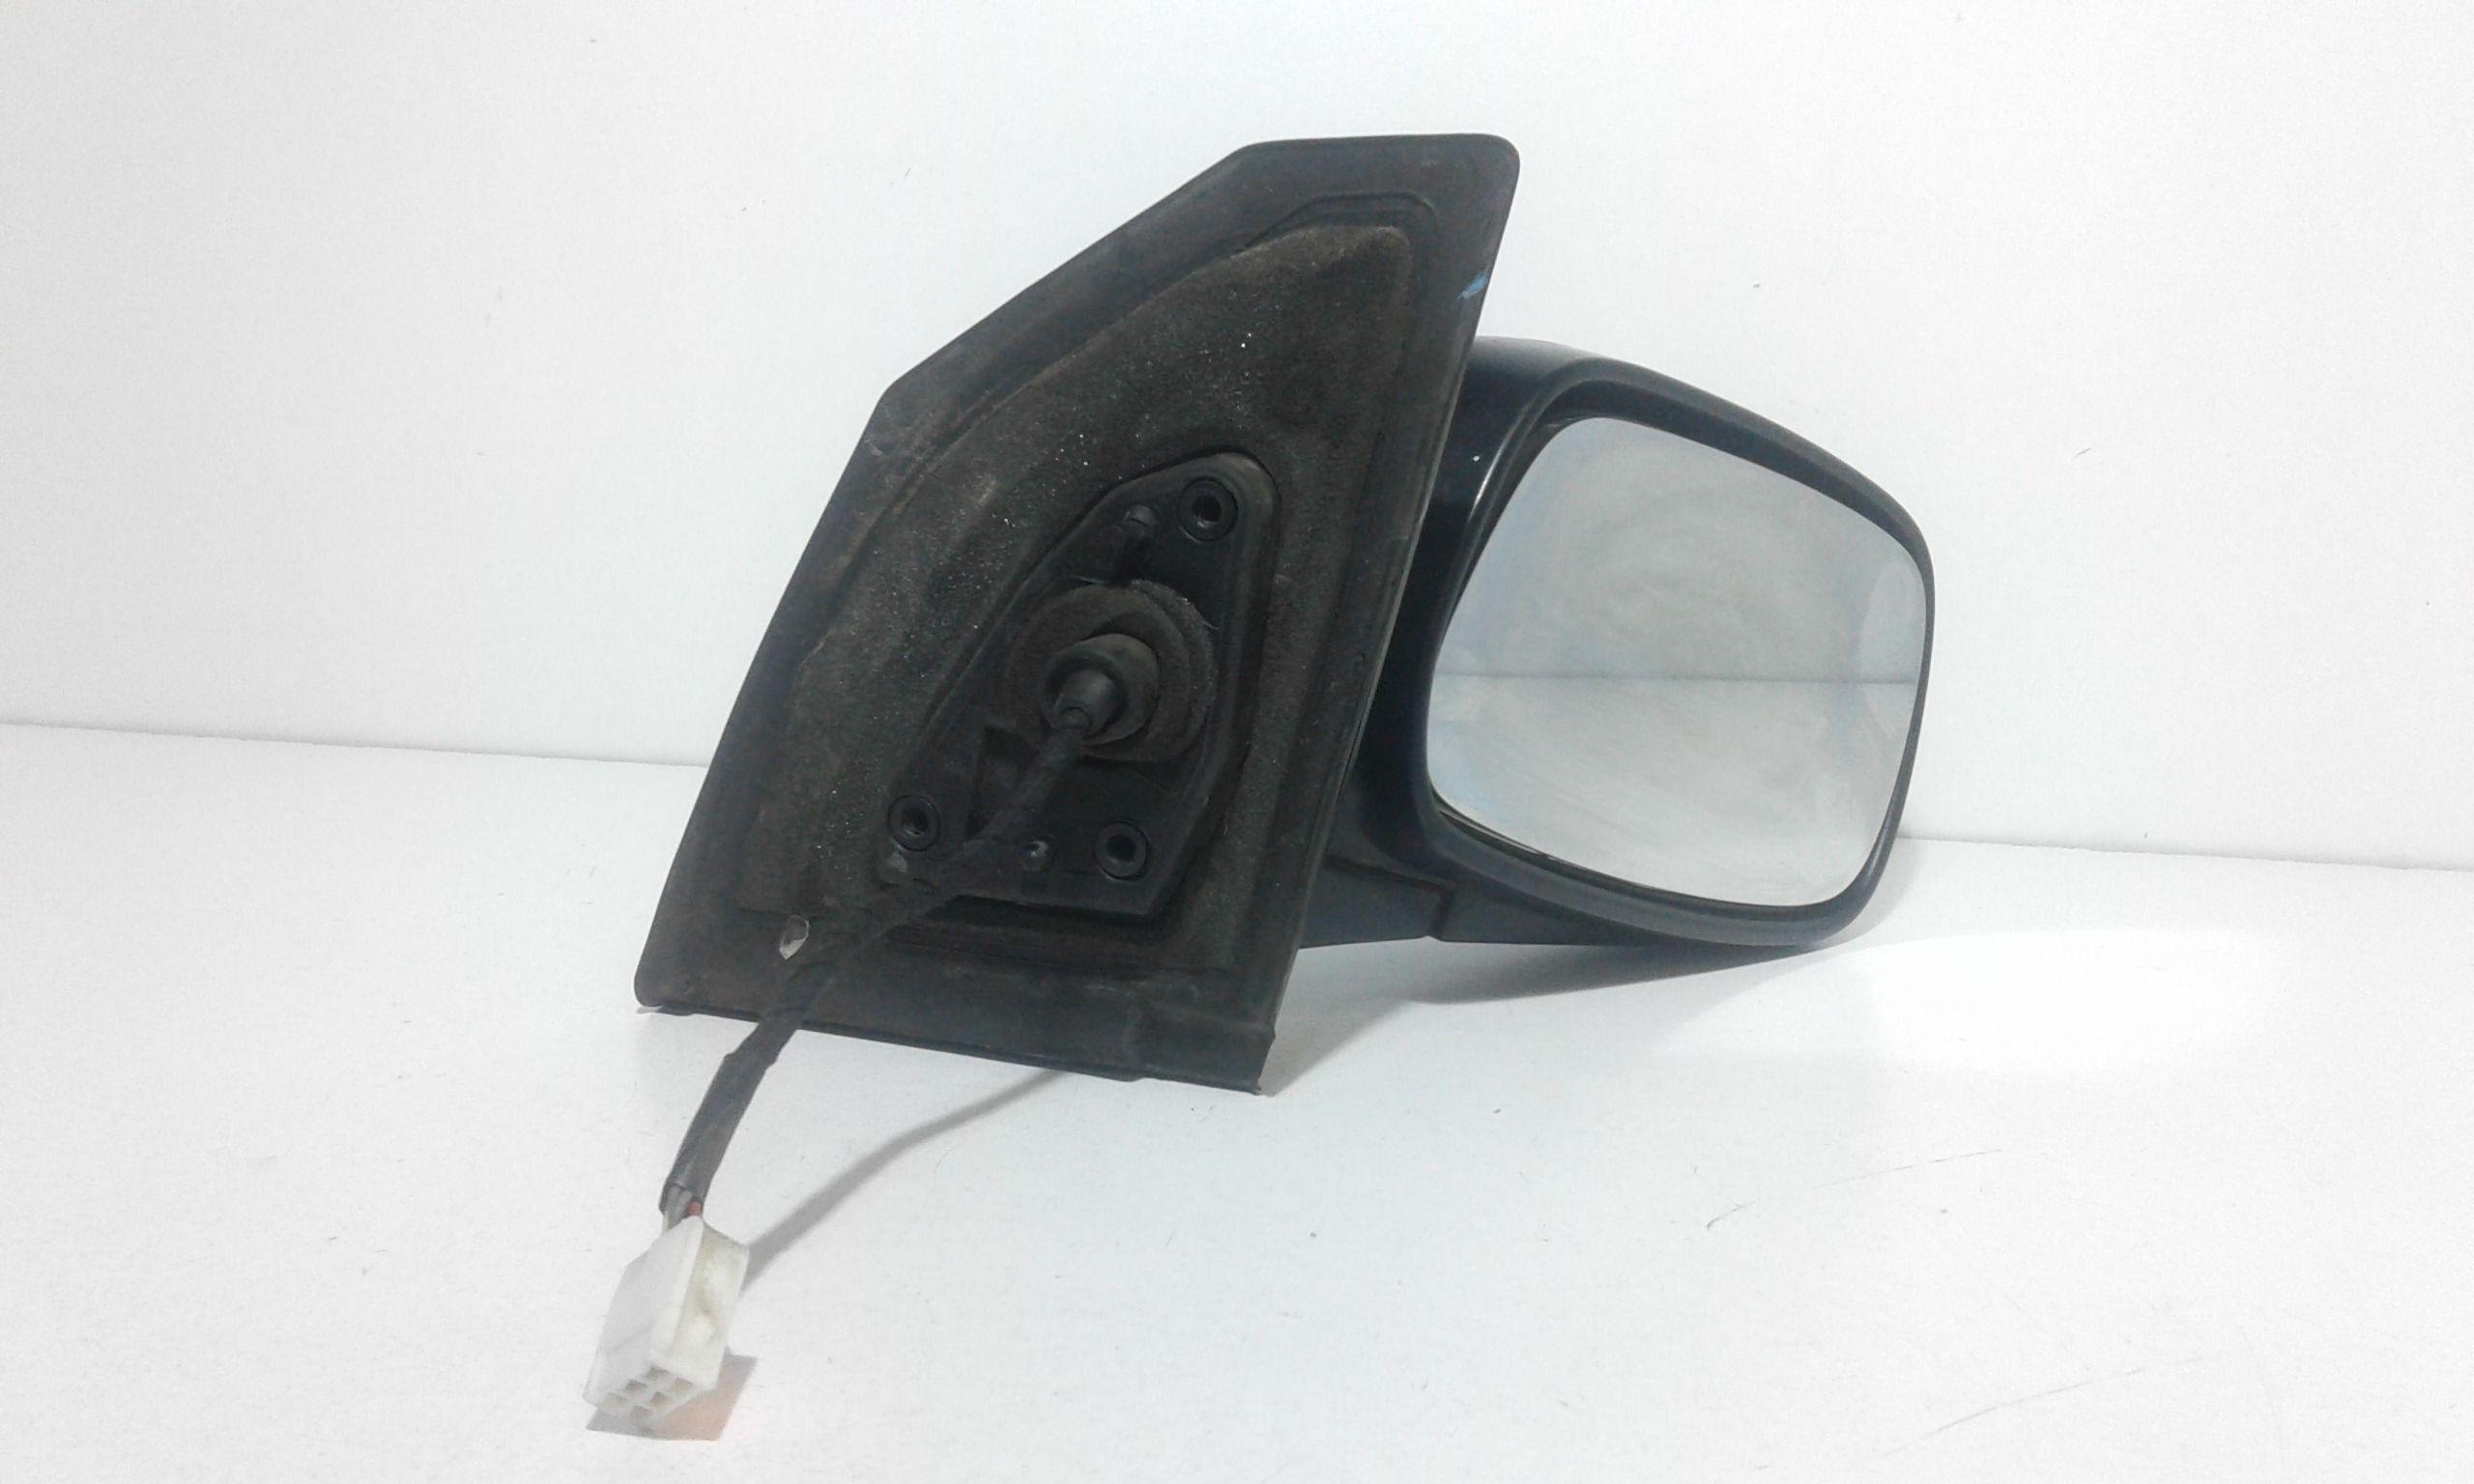 SPECCHIETTO RETROVISORE DESTRO TOYOTA Corolla Berlina 3° Serie 3-5P 1600 Benzina  (2004) RICAMBI USATI